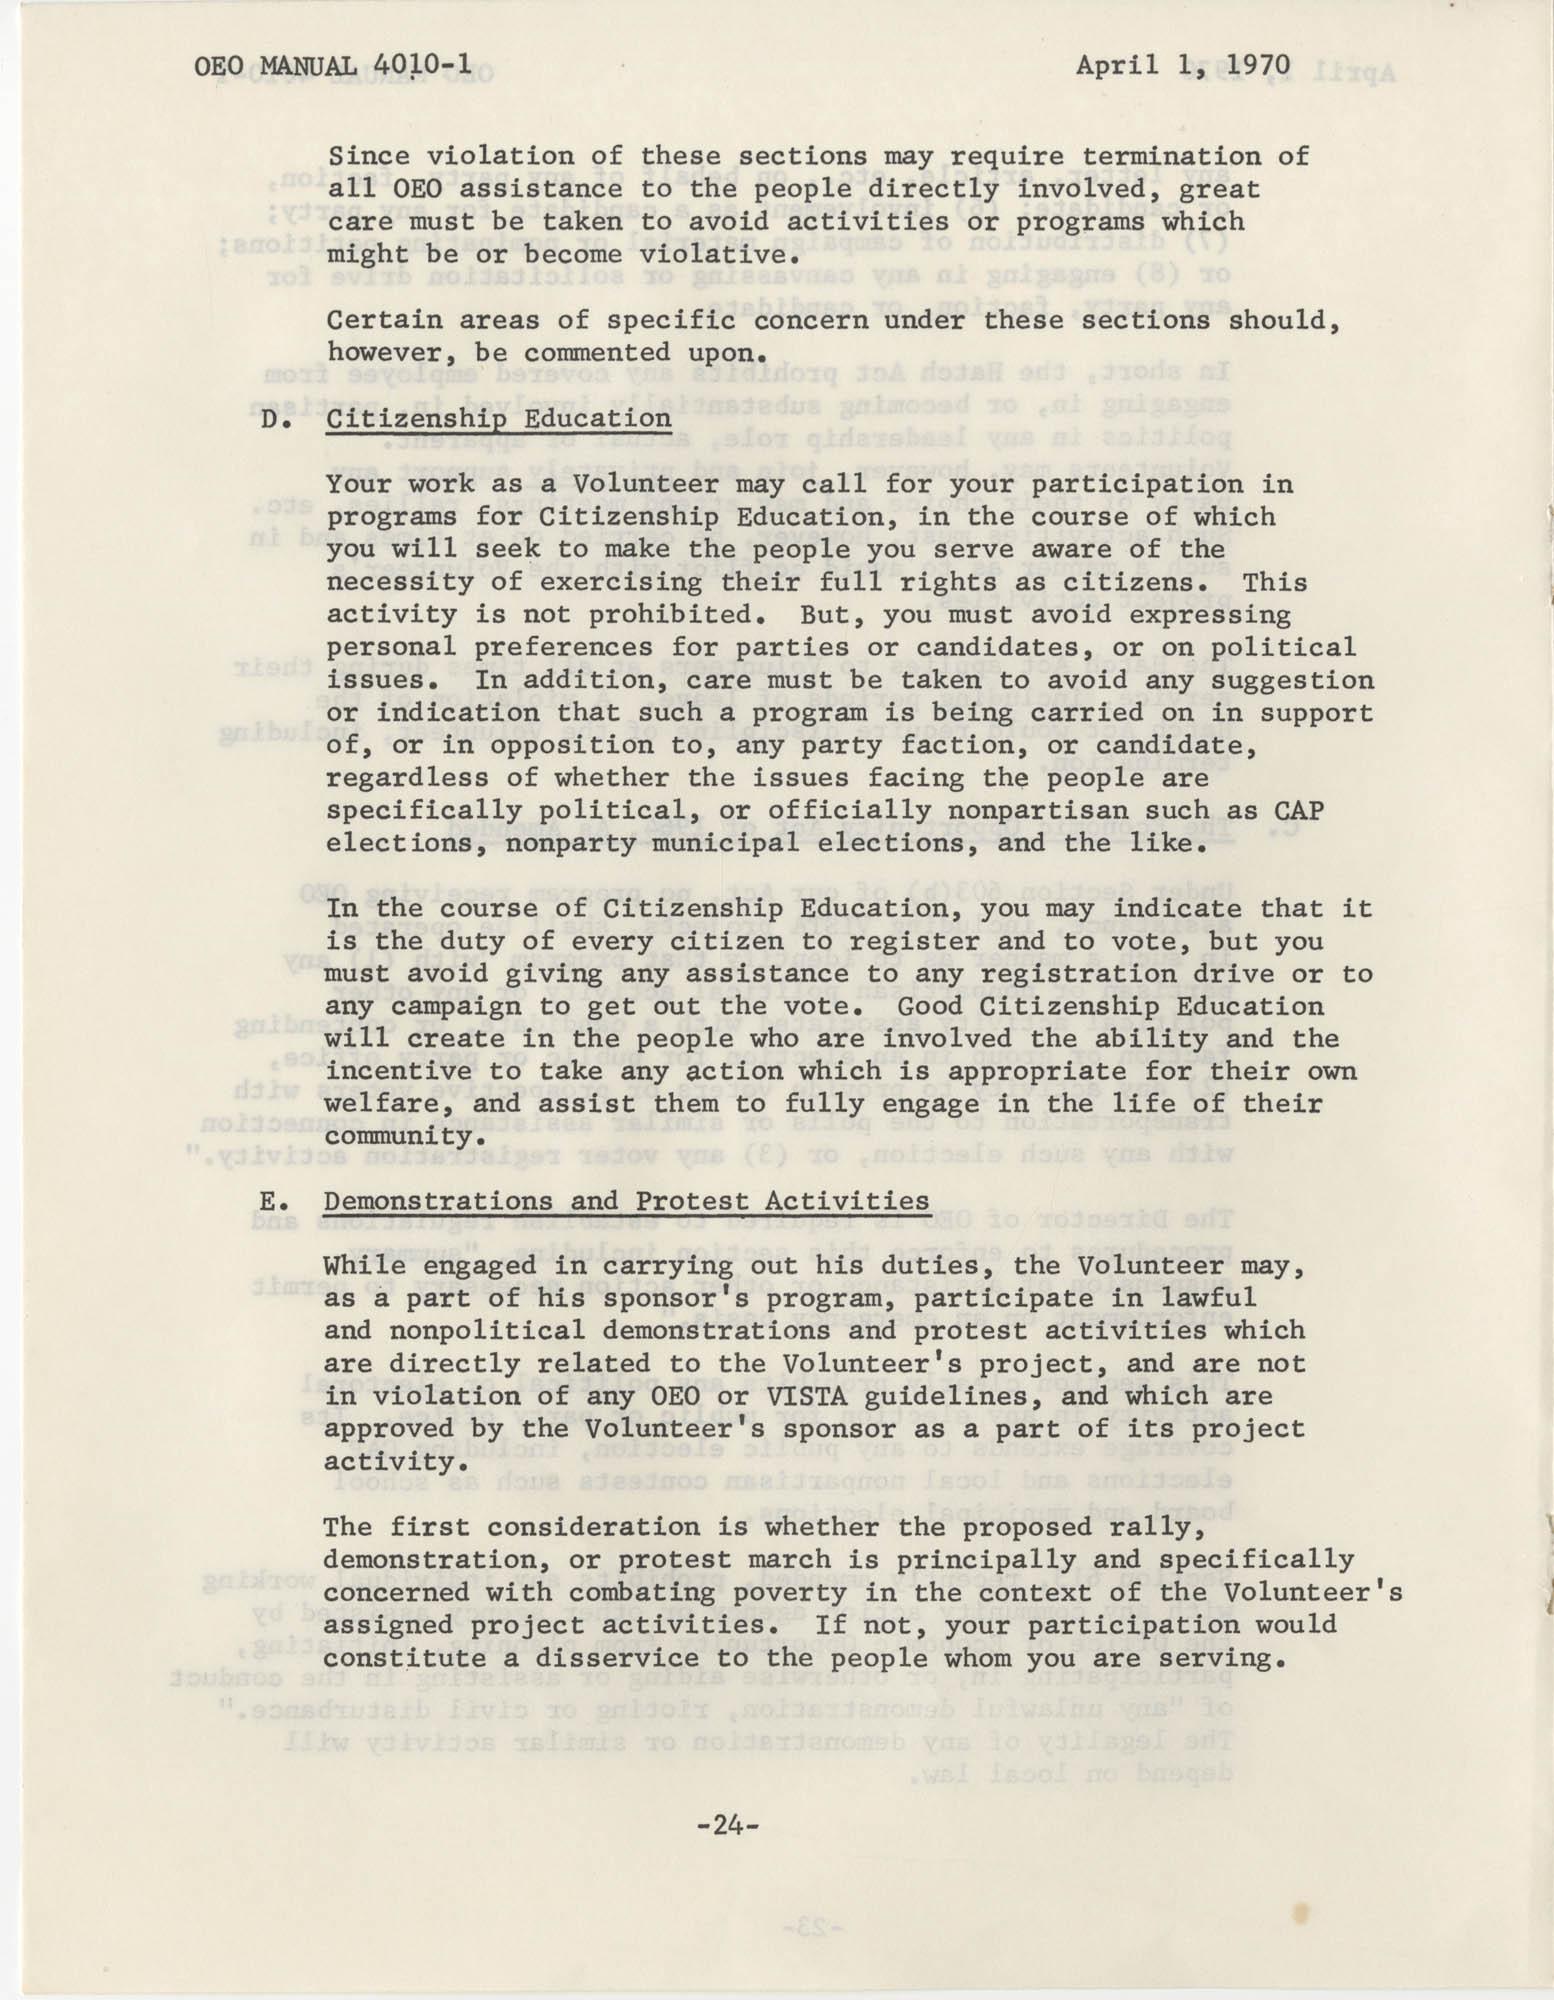 Vista Volunteer Handbook, April 1970, Page 24